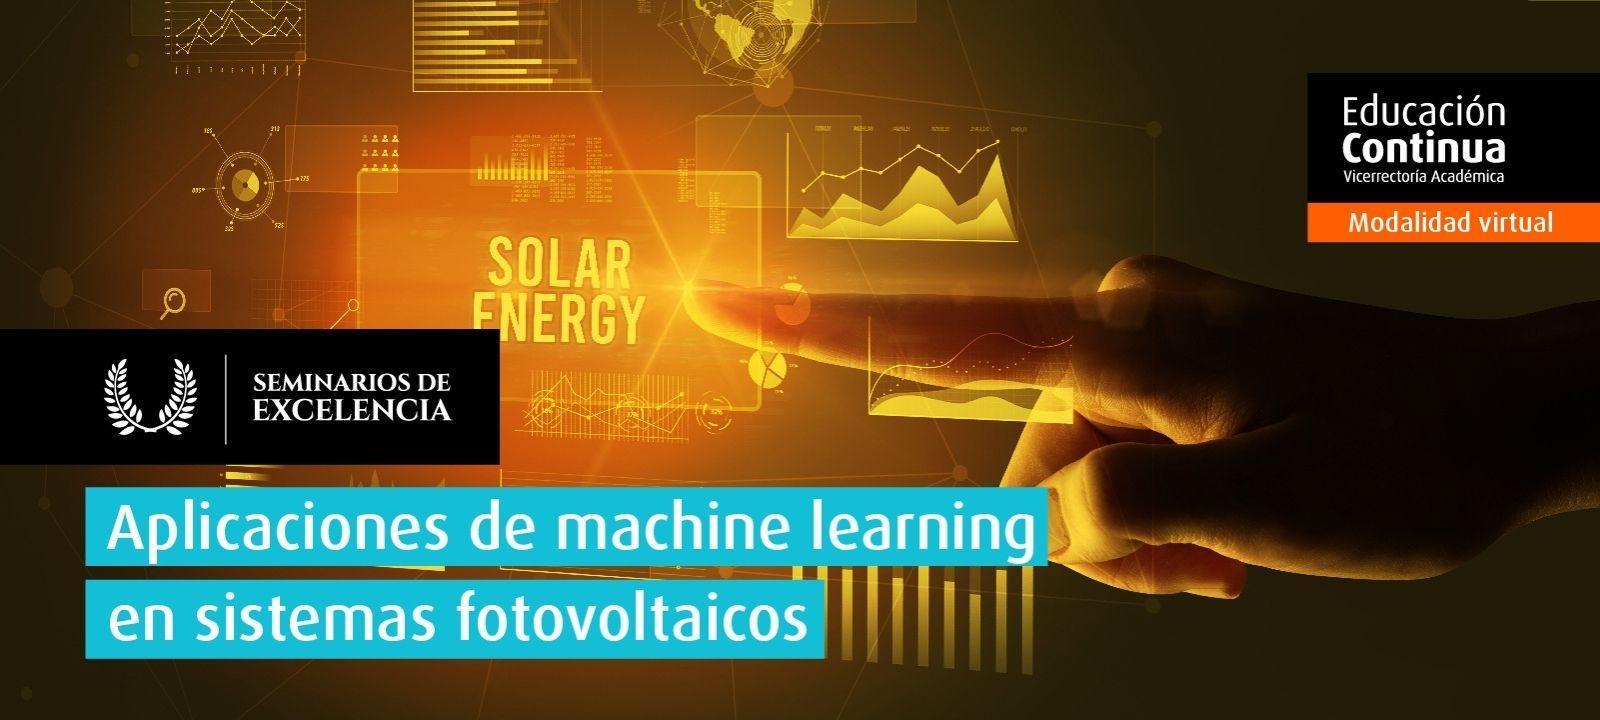 Curso virtual - Aplicaciones de machine learning en sistemas fotovoltaicos